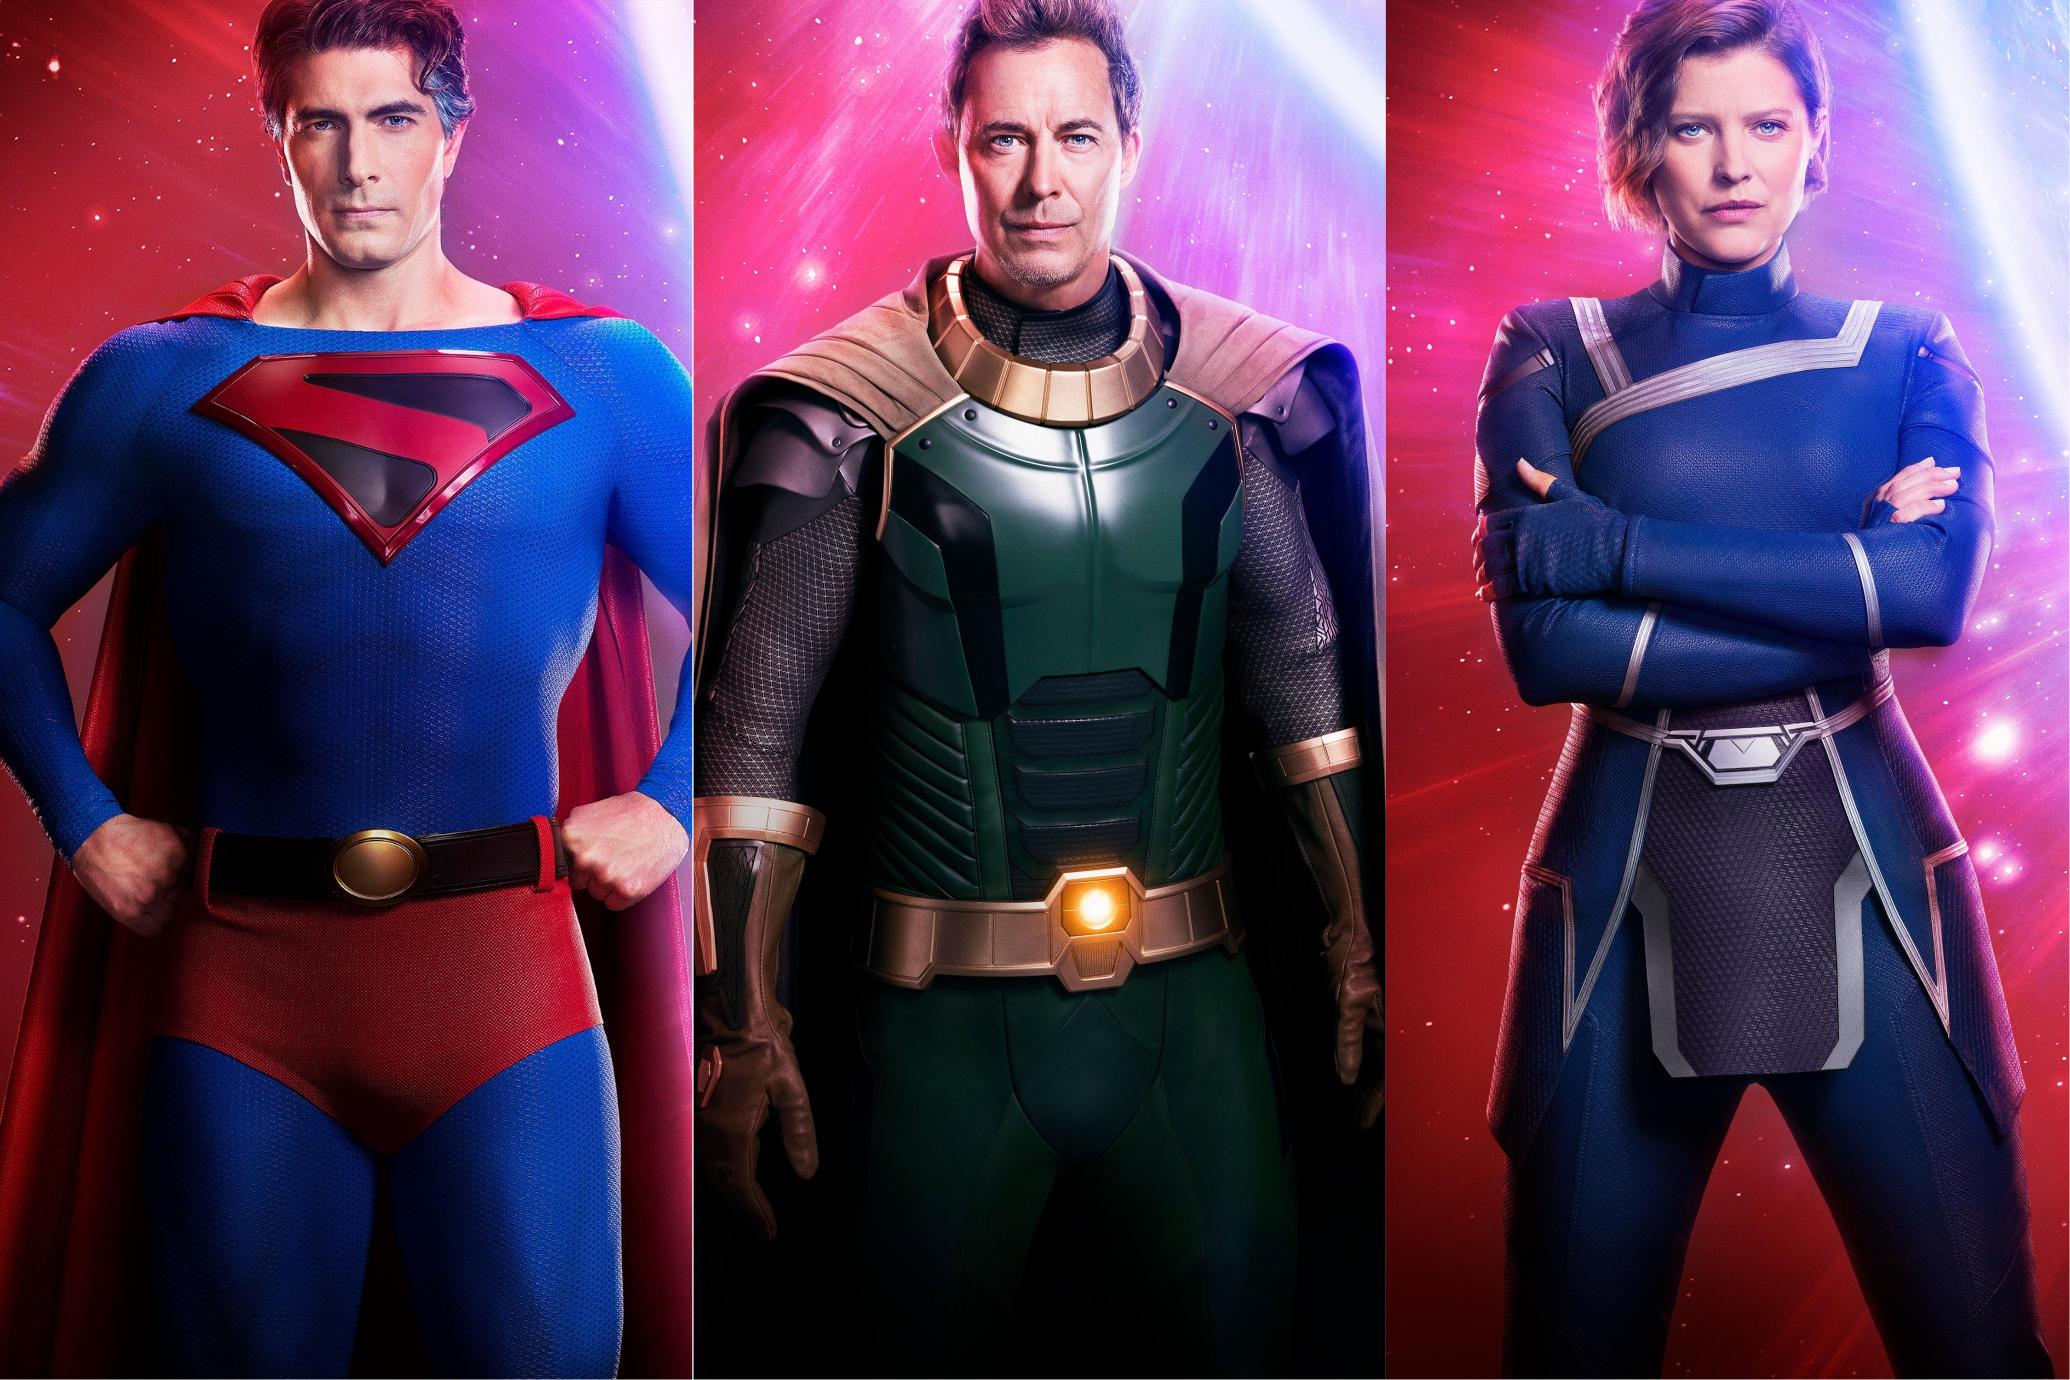 Crise nas Infinitas Terras | Tudo que sabemos sobre o crossover da CW 3